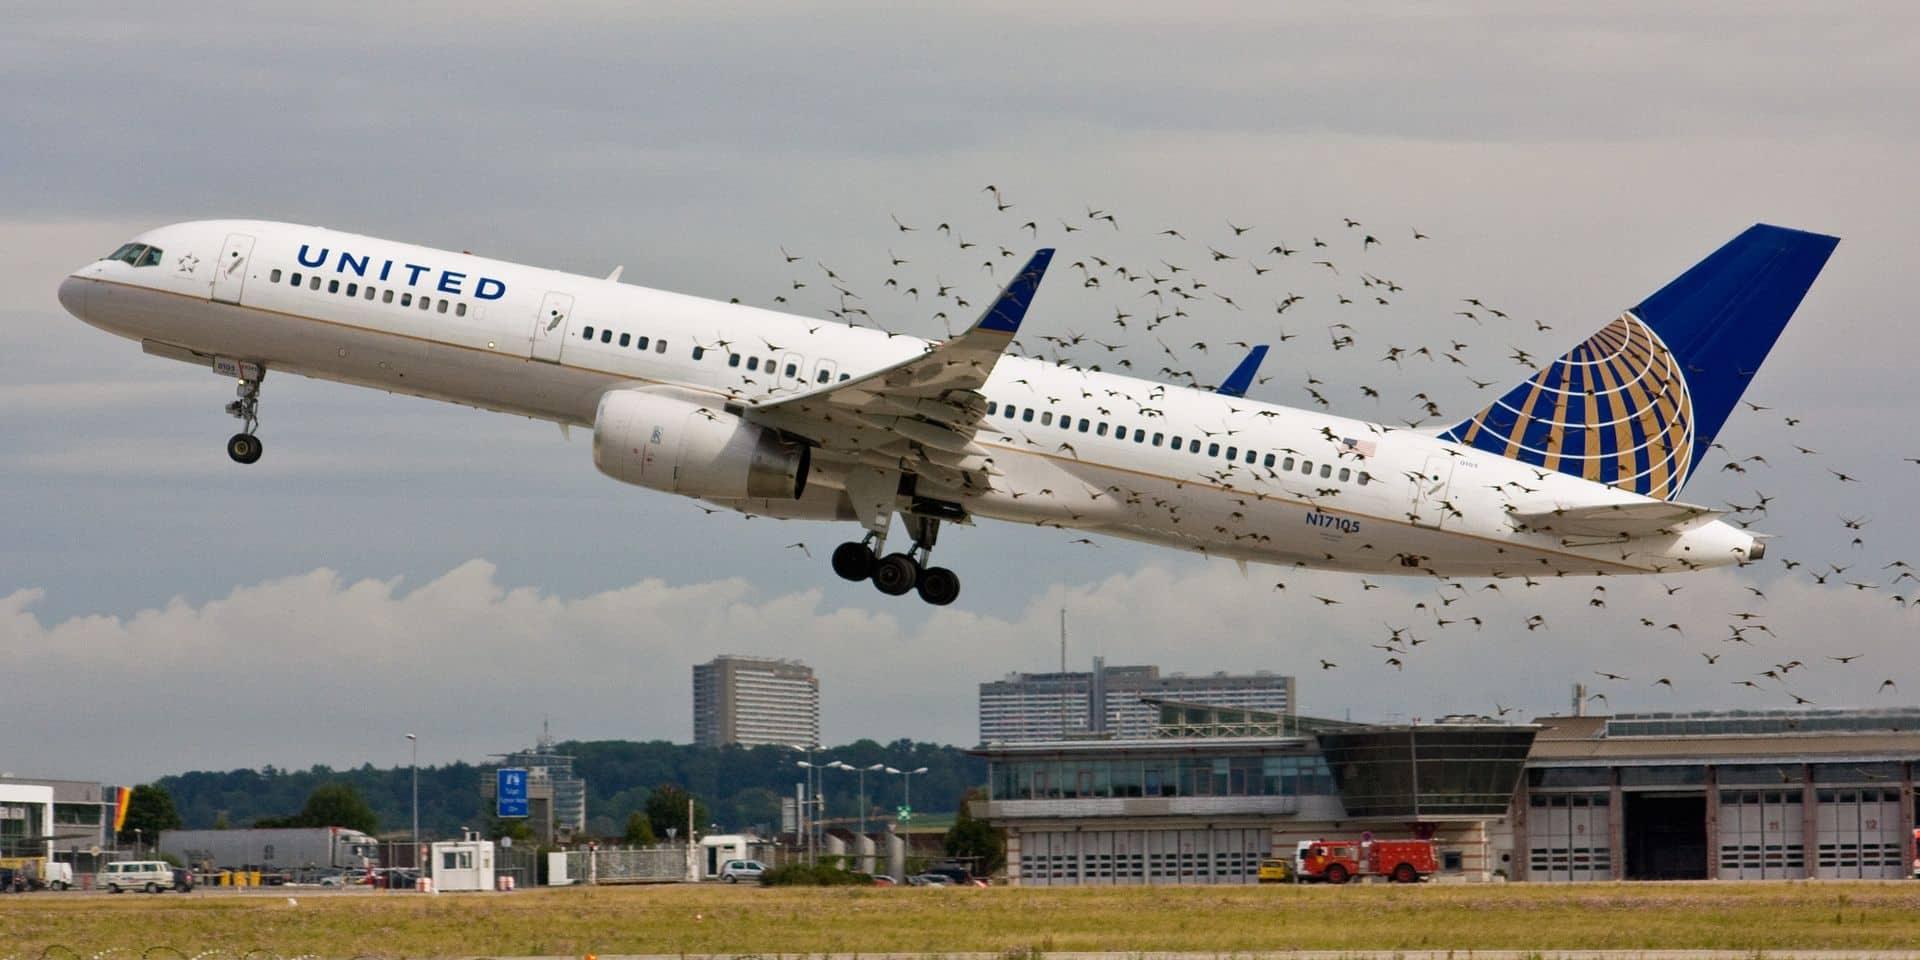 Après Amercian Airlines, United Airlines confirme à son tour un licenciement massif